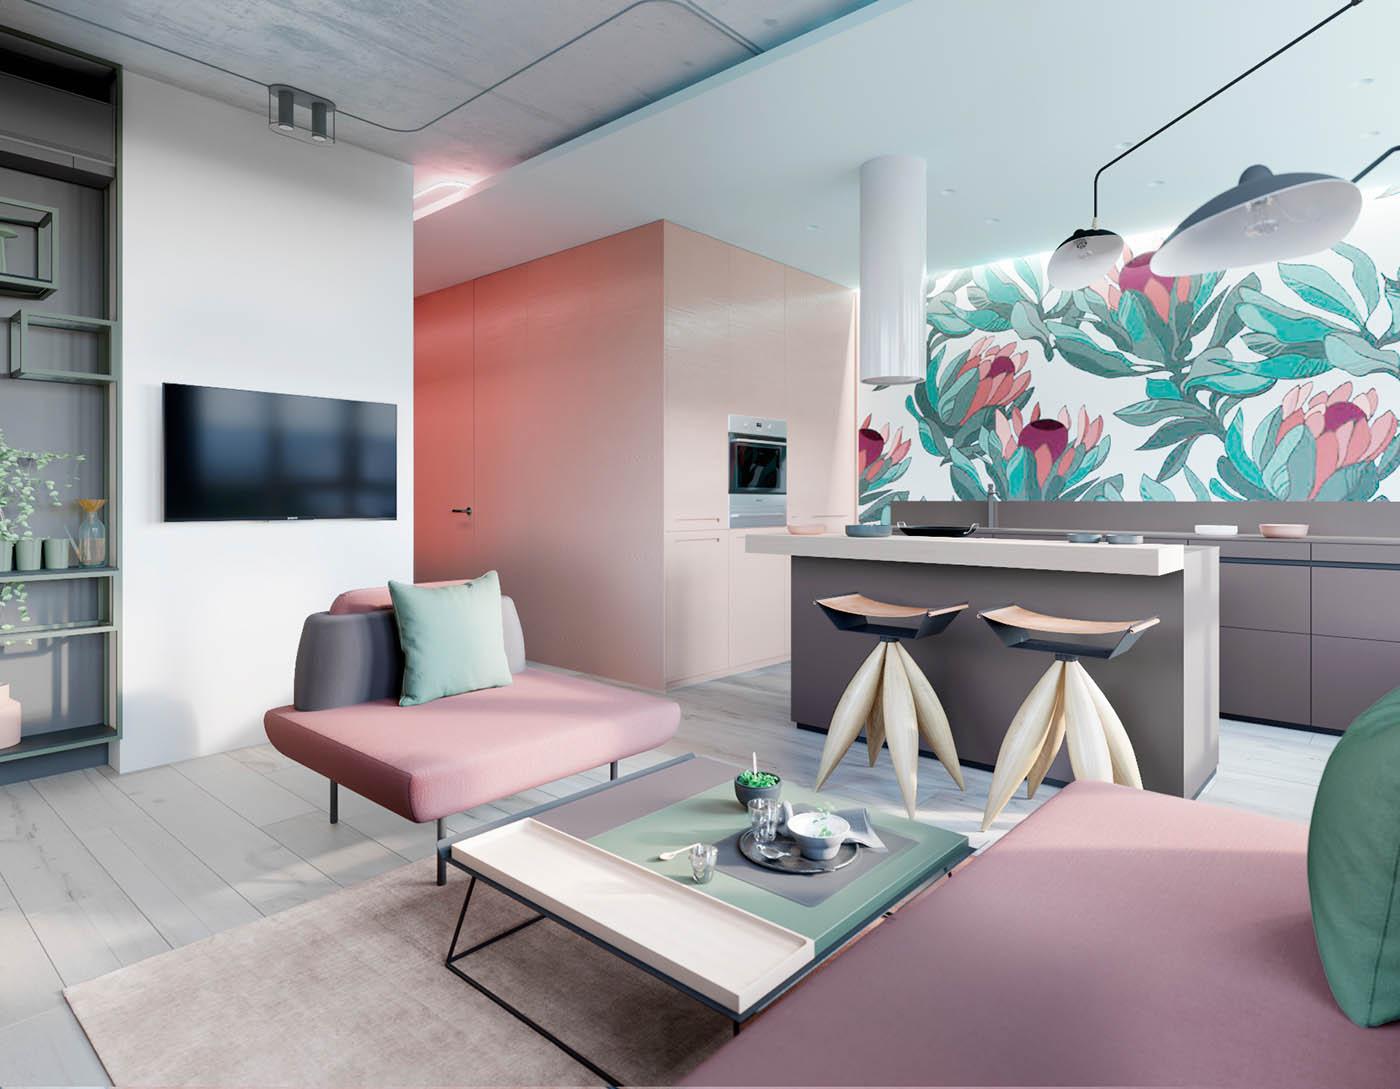 طراحی داخلی آپارتمان با تم صورتی و سبز - interior design using pink green 2 1